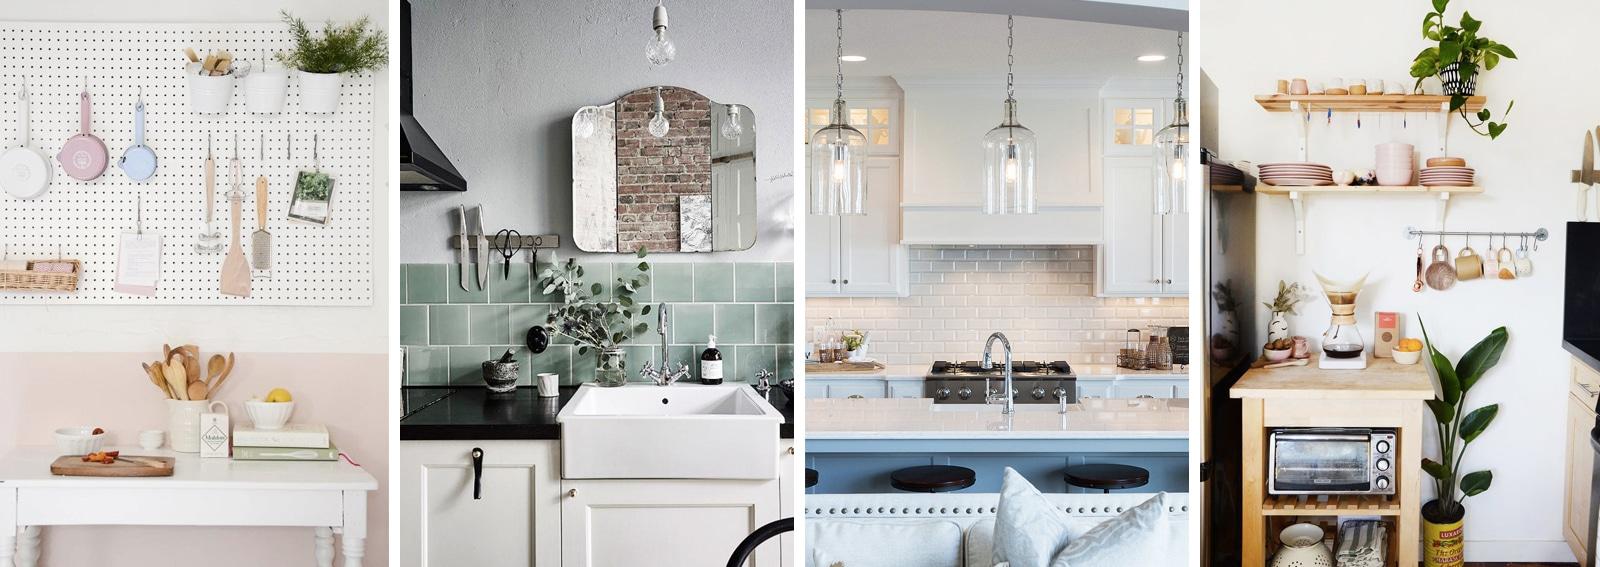 cover-migliorare-cucina-affitto-desktop